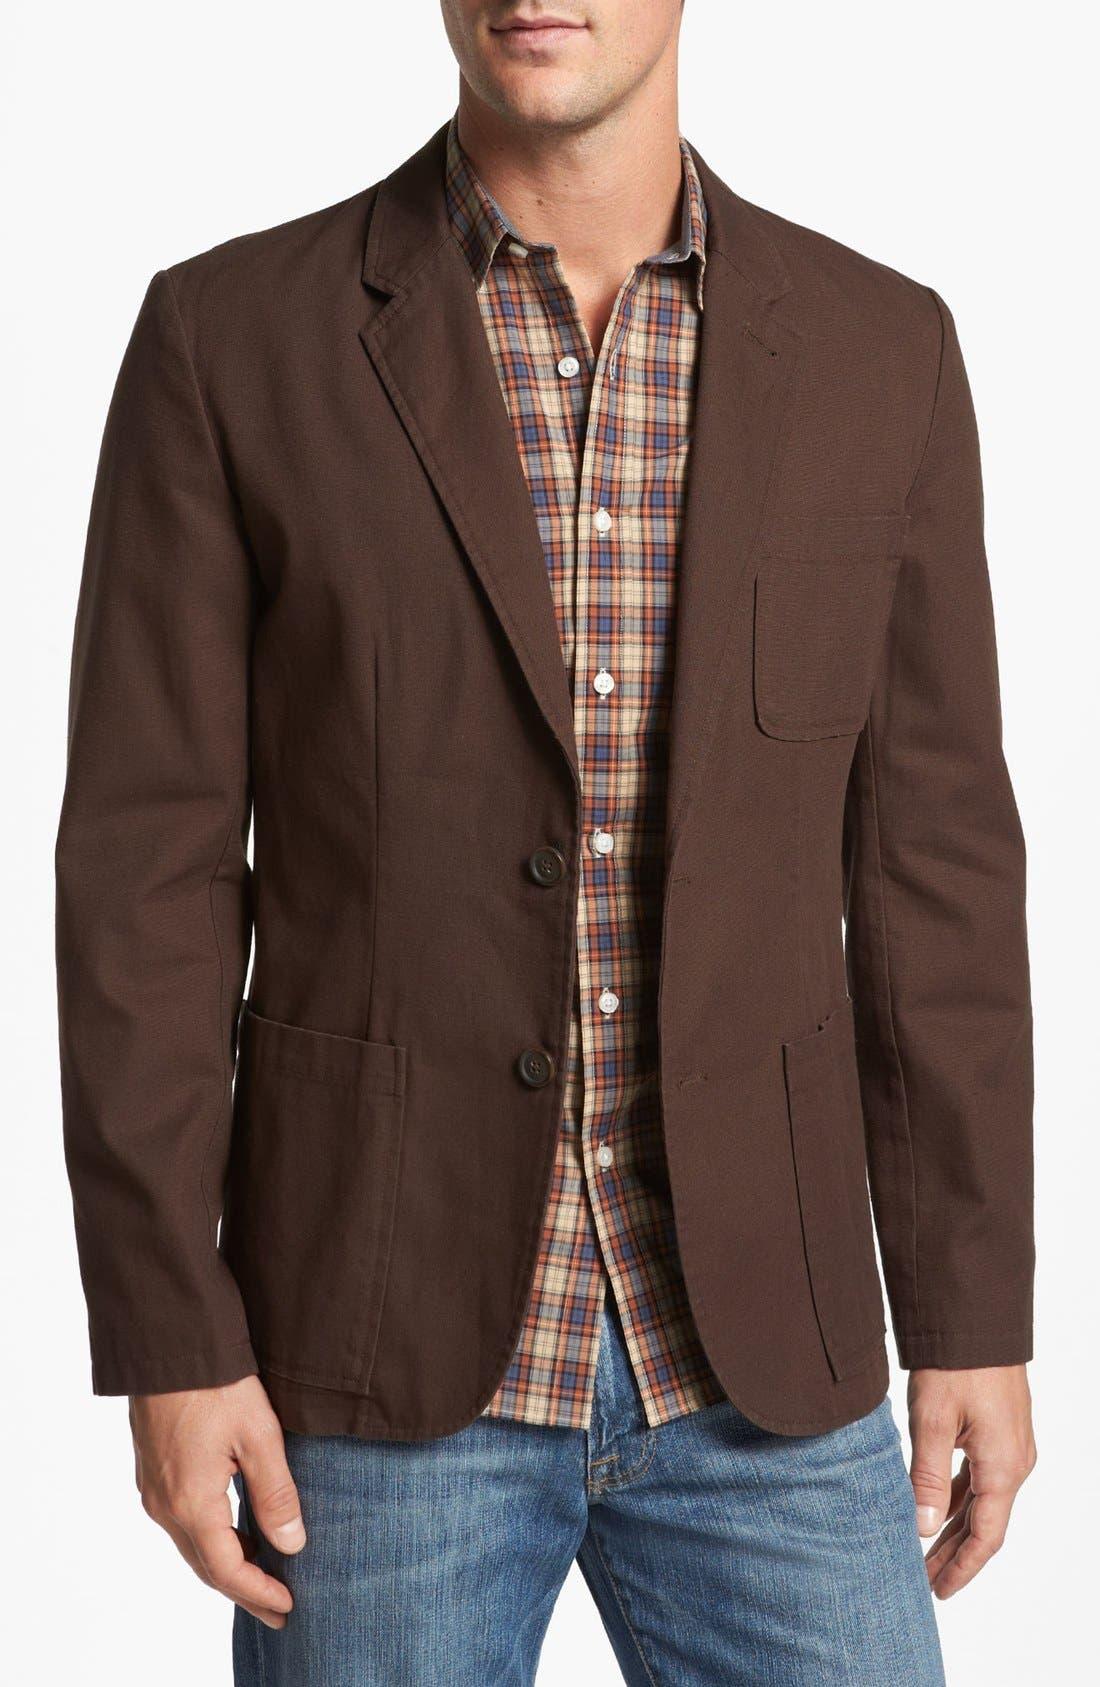 Main Image - Wallin & Bros. Trim Fit Dobby Sportcoat